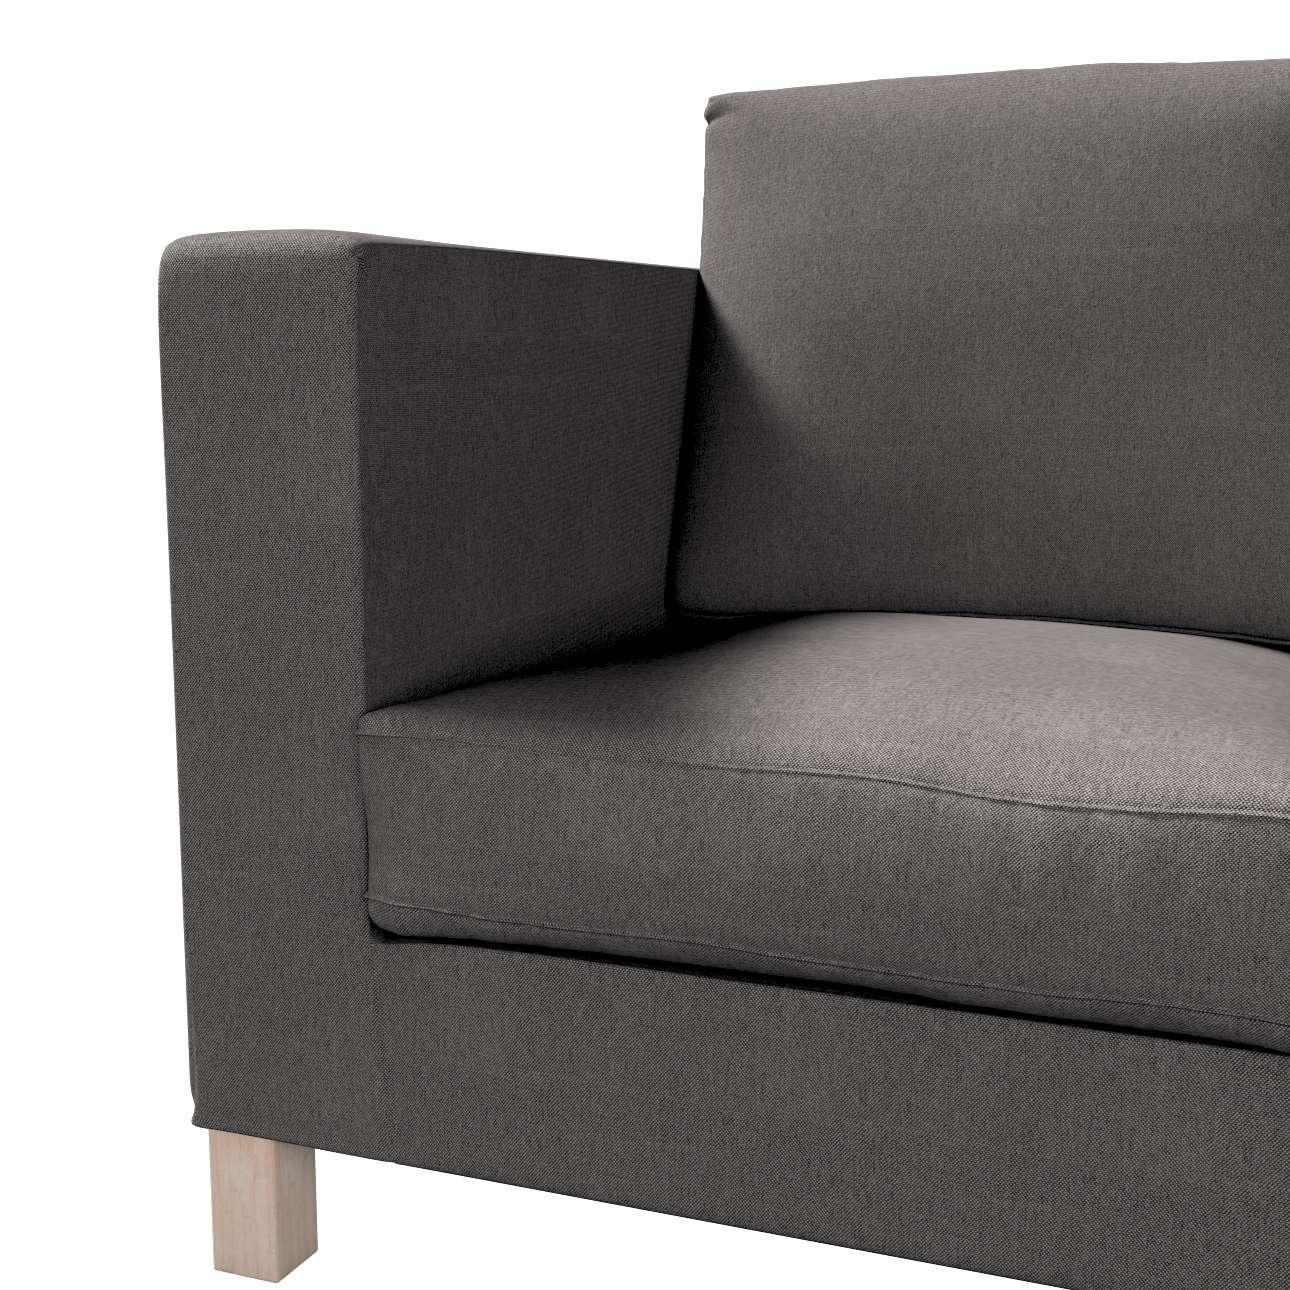 Bezug für Karlanda 3-Sitzer Sofa nicht ausklappbar, kurz von der Kollektion Etna, Stoff: 705-35